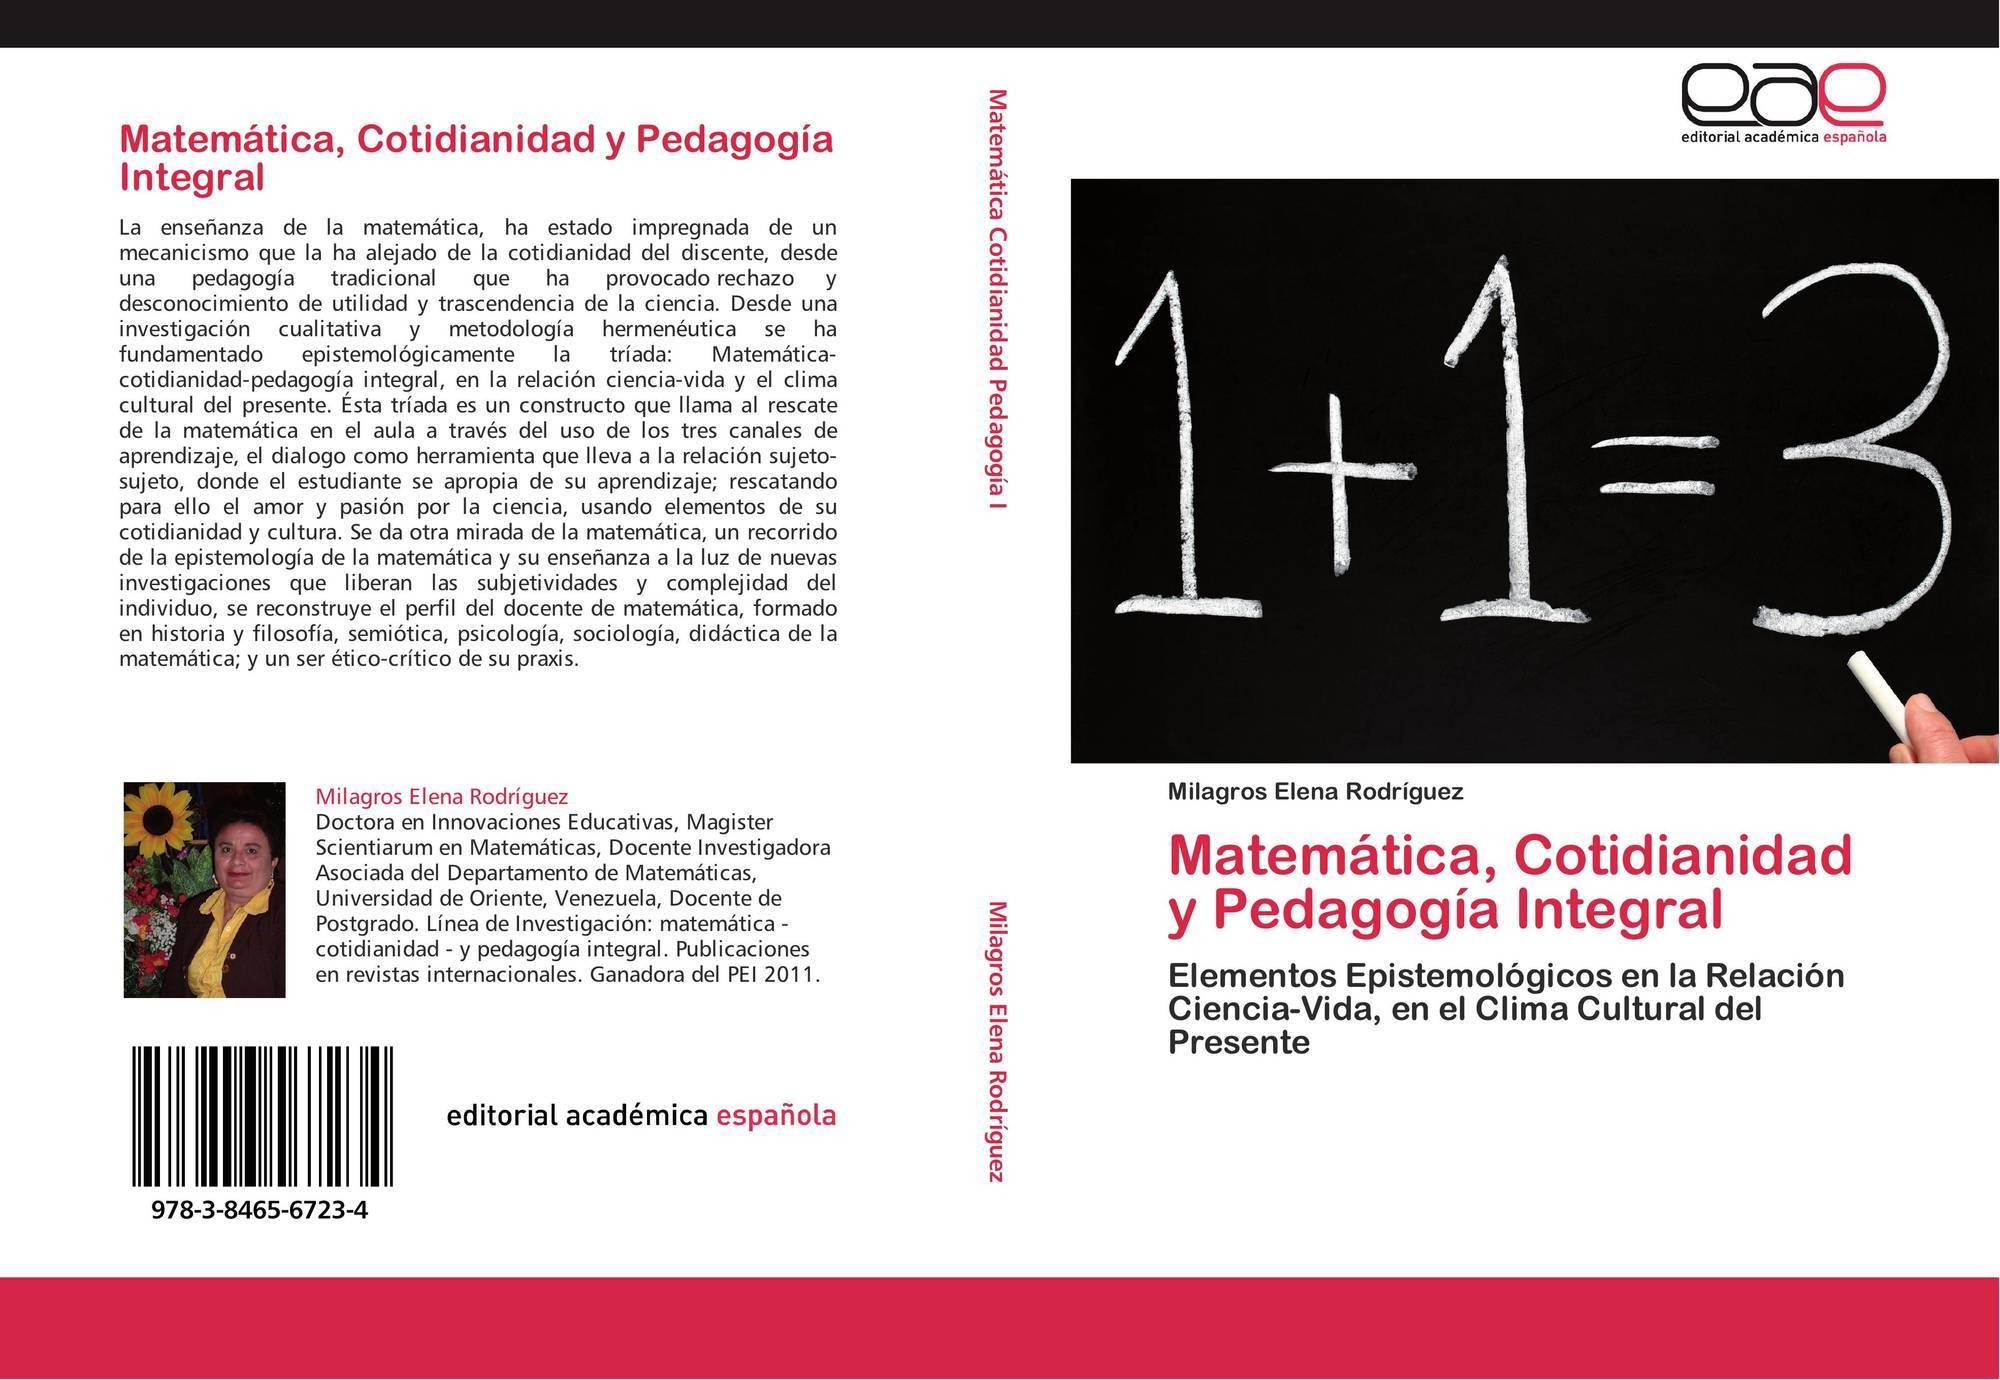 Matemática, Cotidianidad y Pedagogía Integral